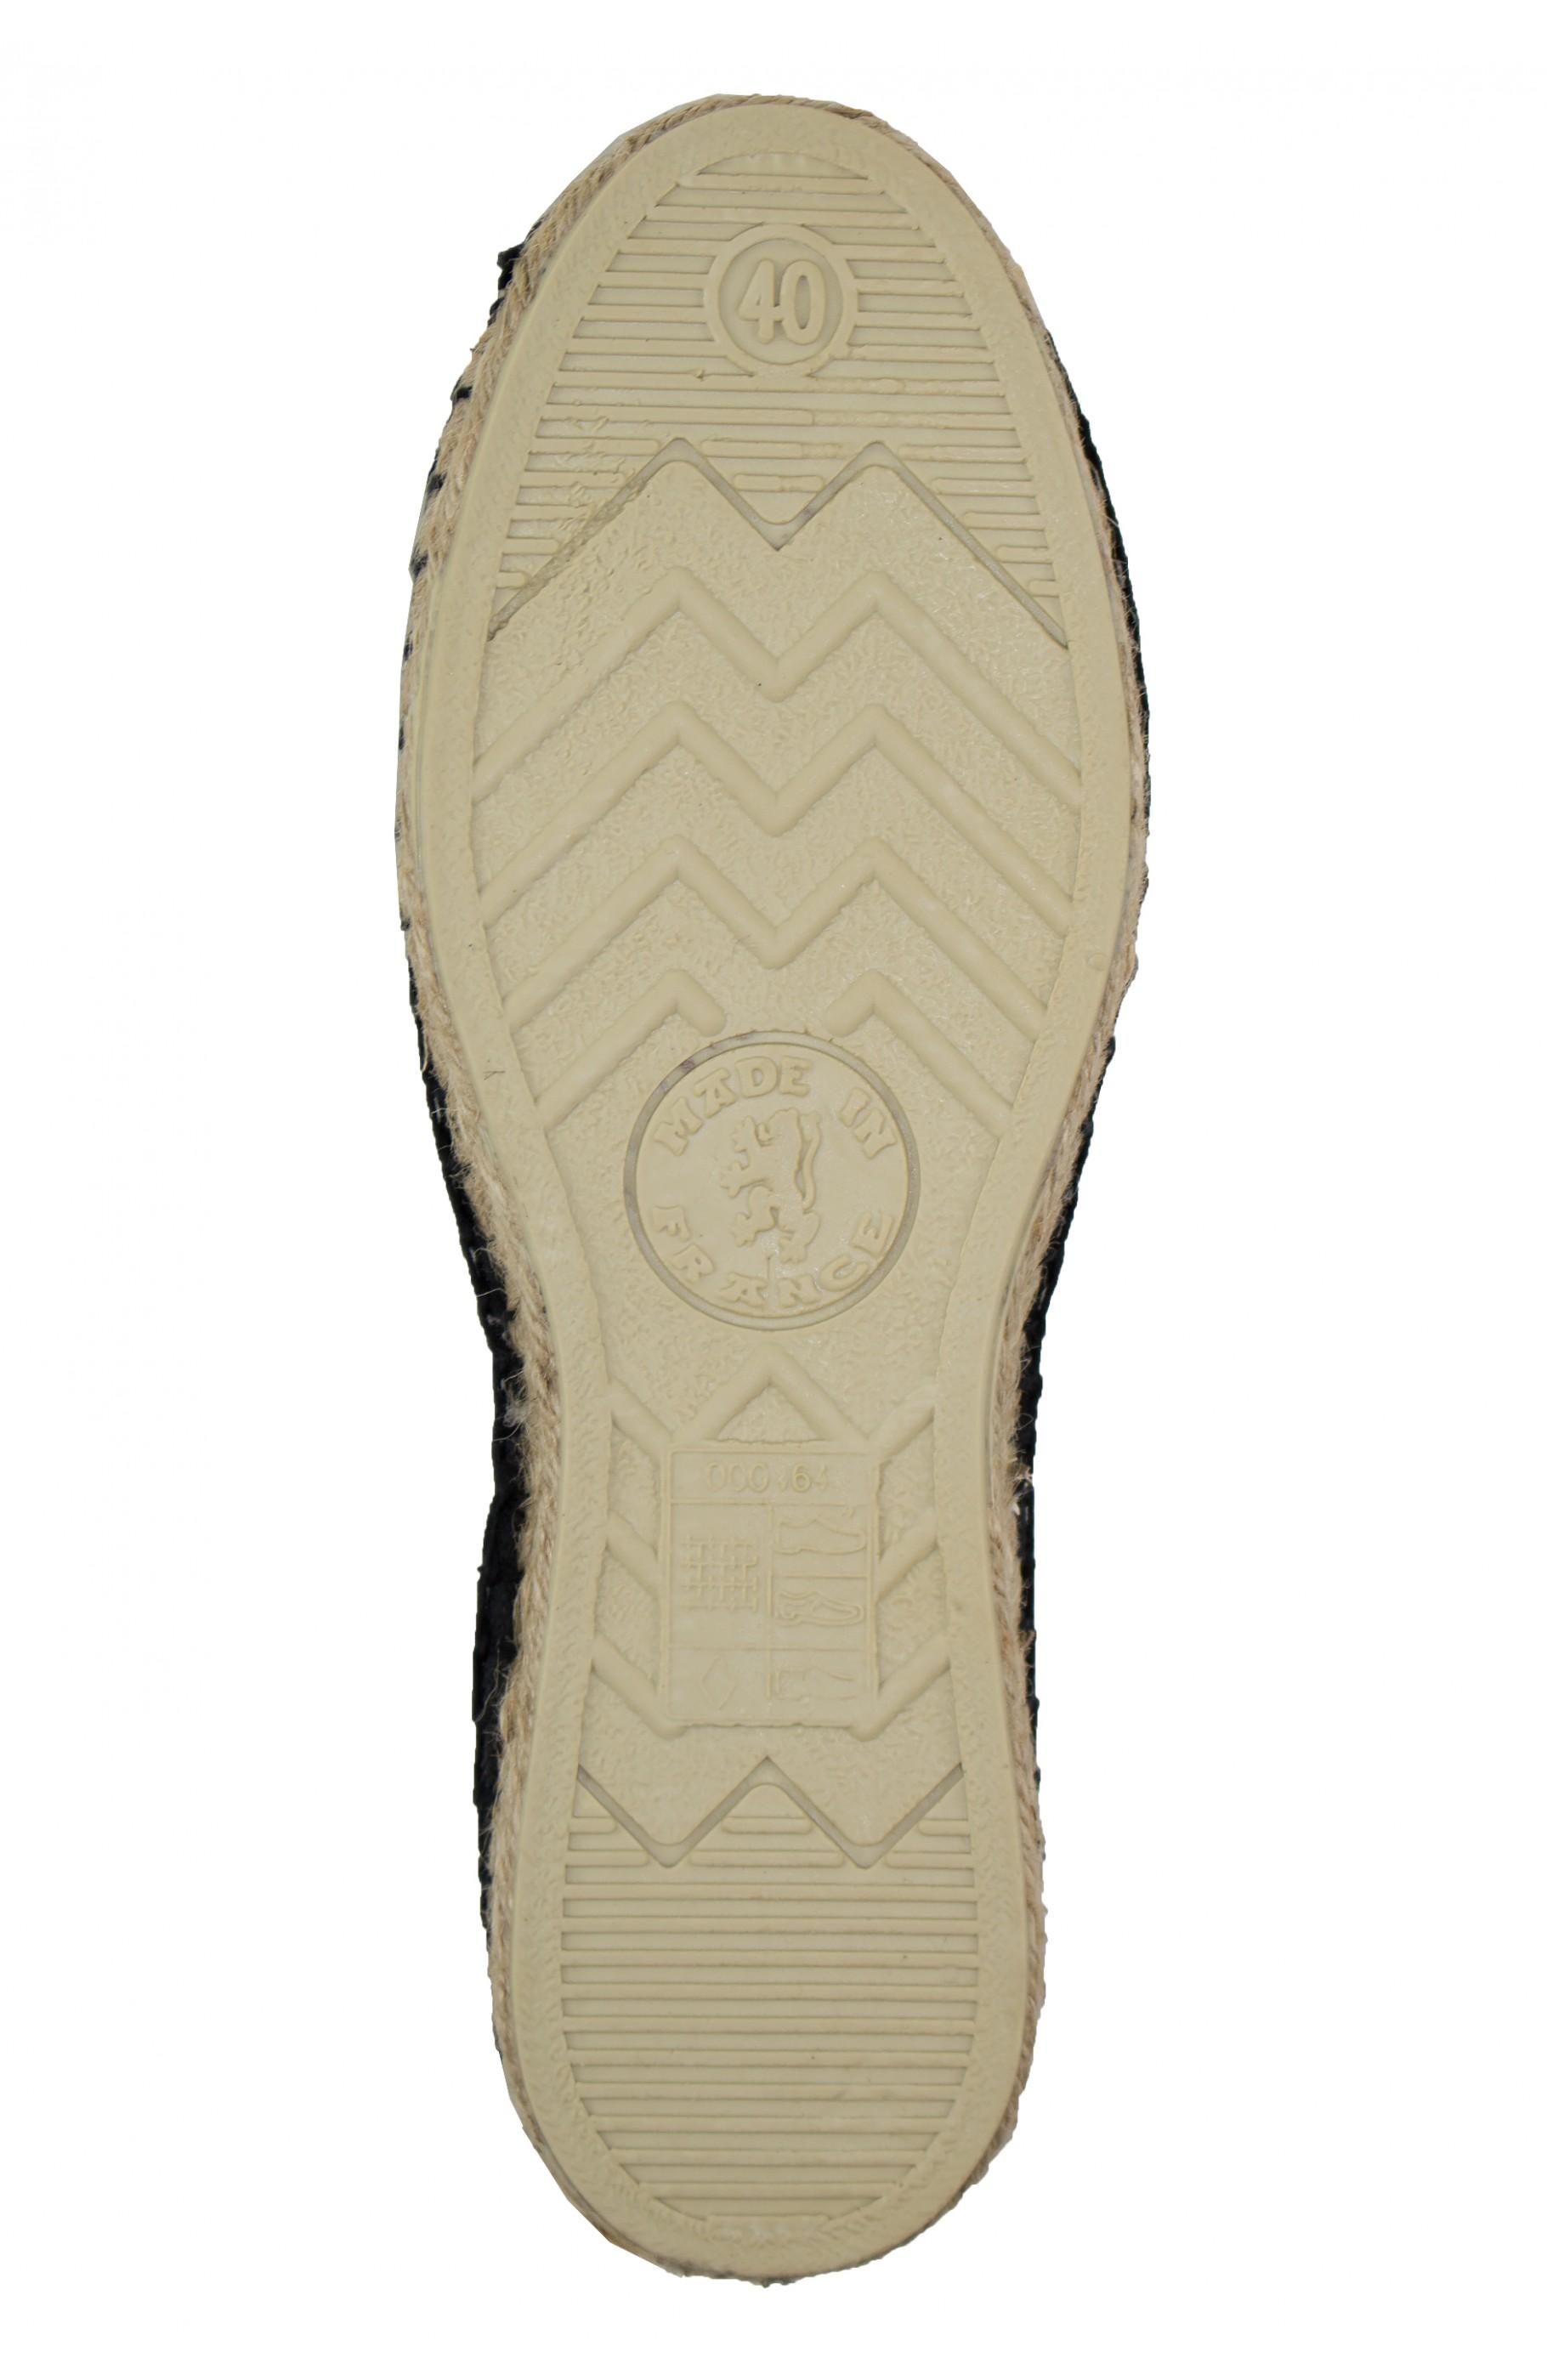 Majesté Couture Paris: MAJESTÉ\'S TAGADAA ESPADRILLES | Shoes,Shoes > Espadrilles -  Hiphunters Shop